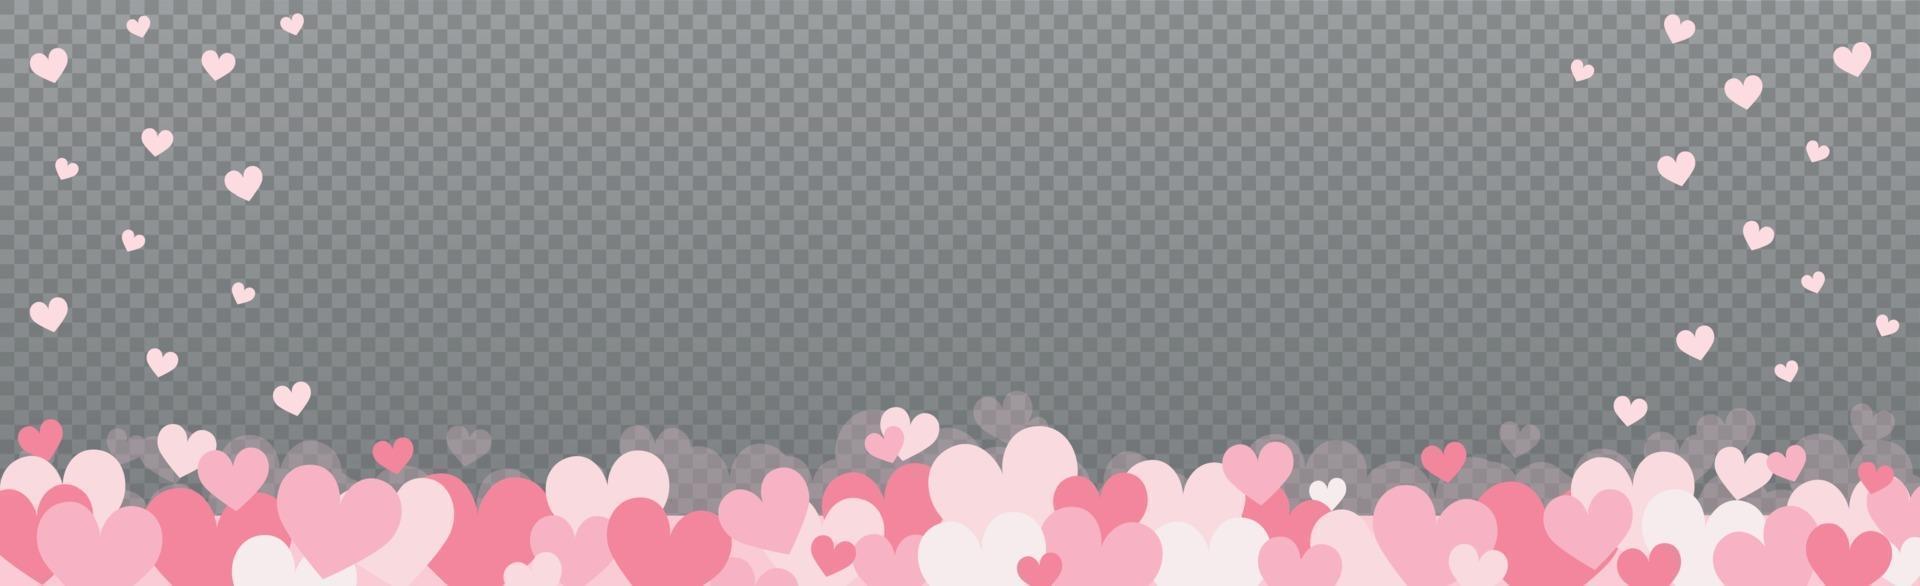 försiktigt rosa-röda hjärtan på en grå rutig bakgrund vektor